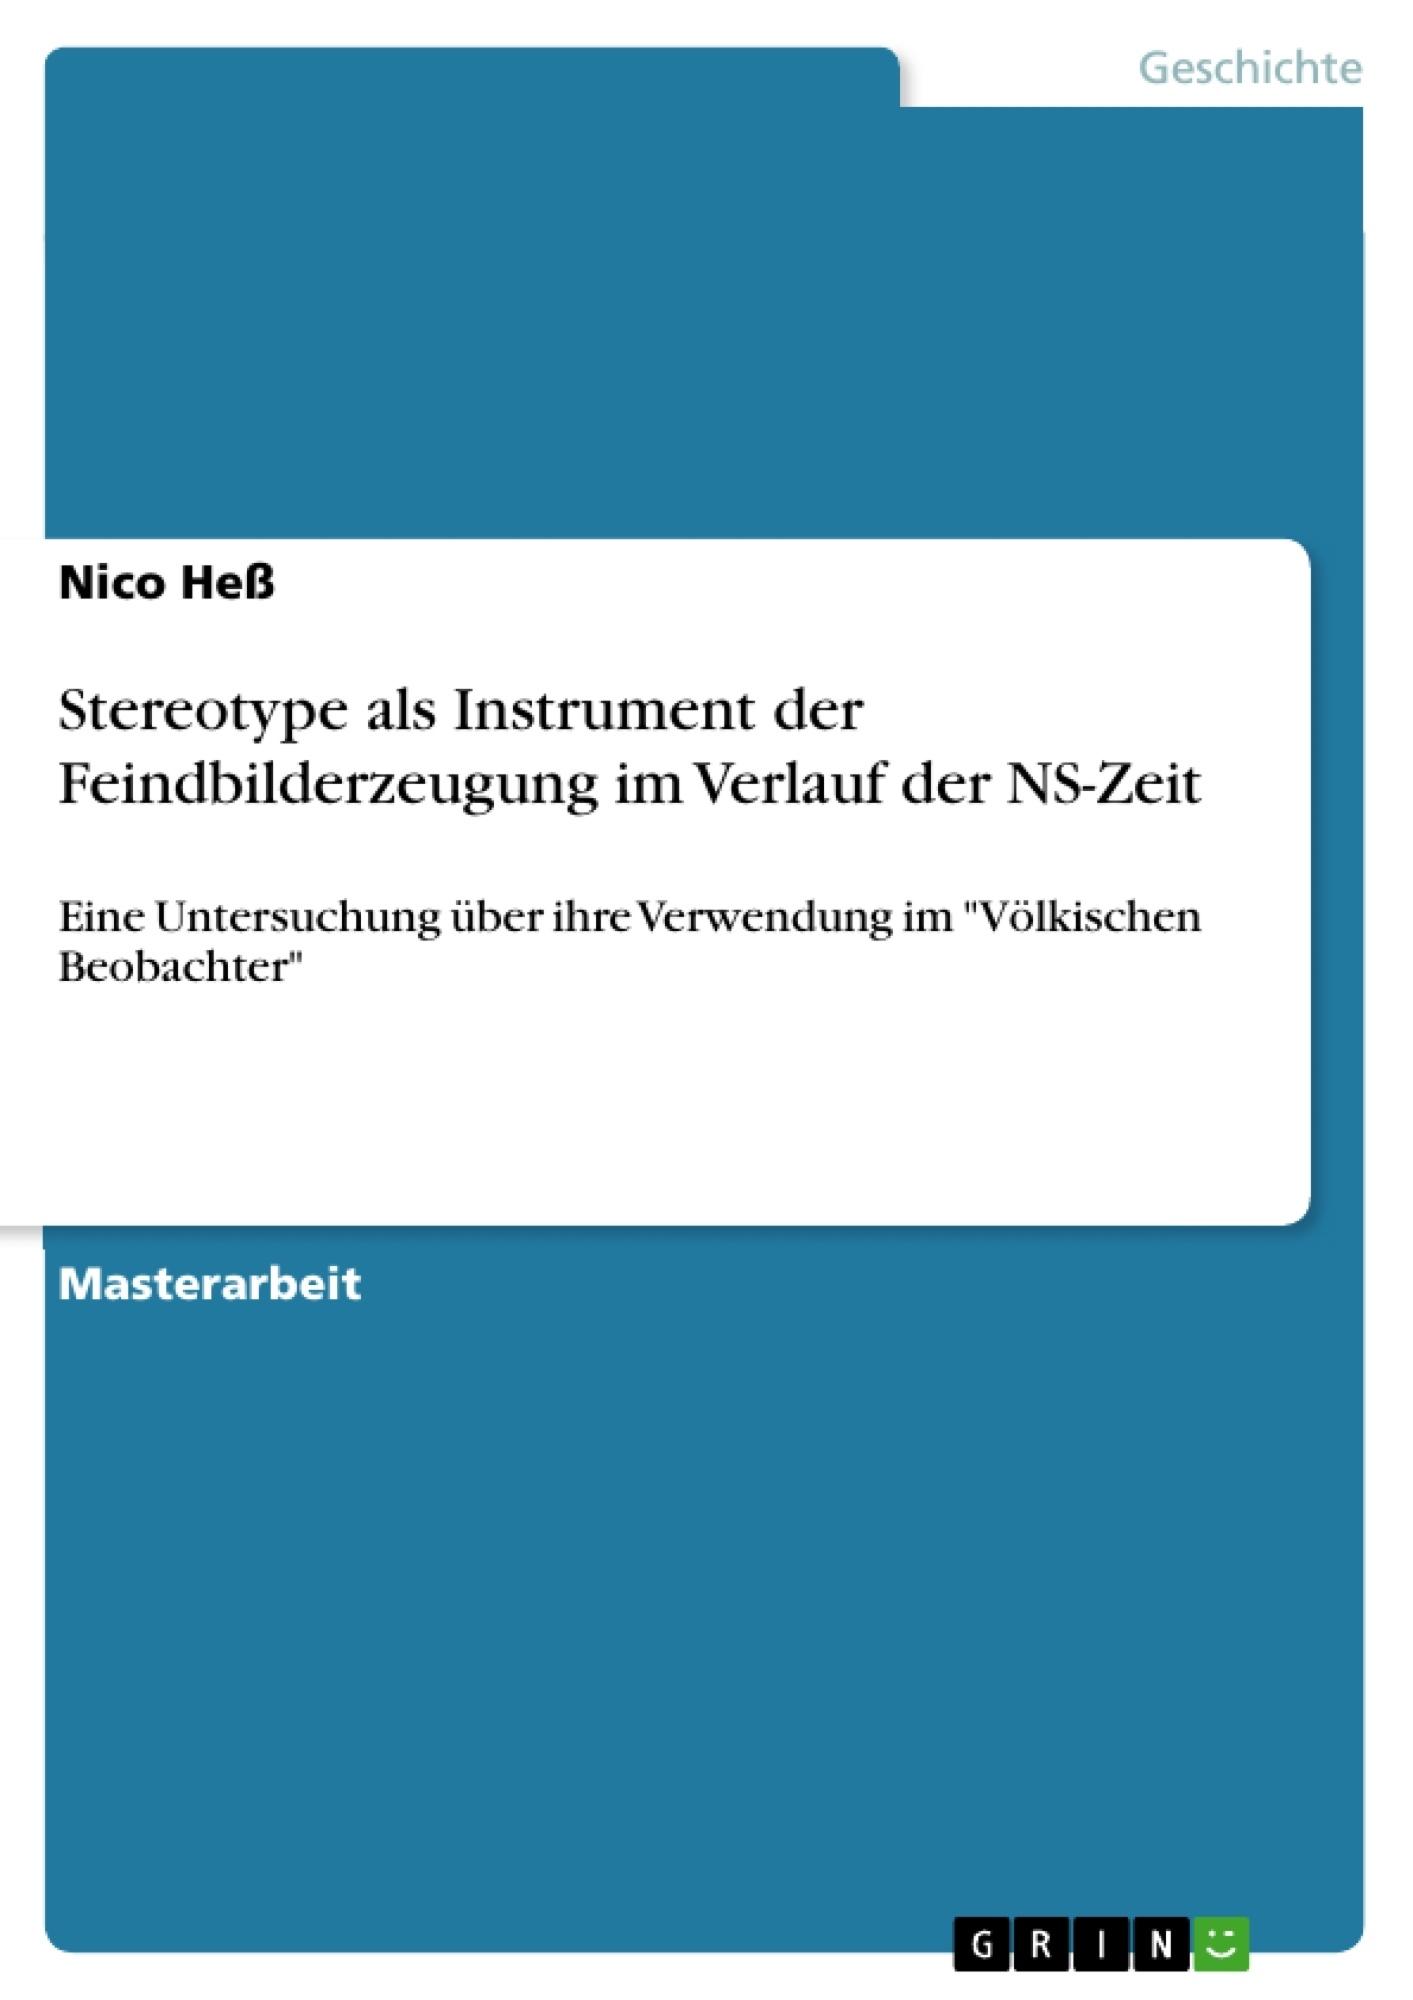 Titel: Stereotype als Instrument der Feindbilderzeugung im Verlauf der NS-Zeit